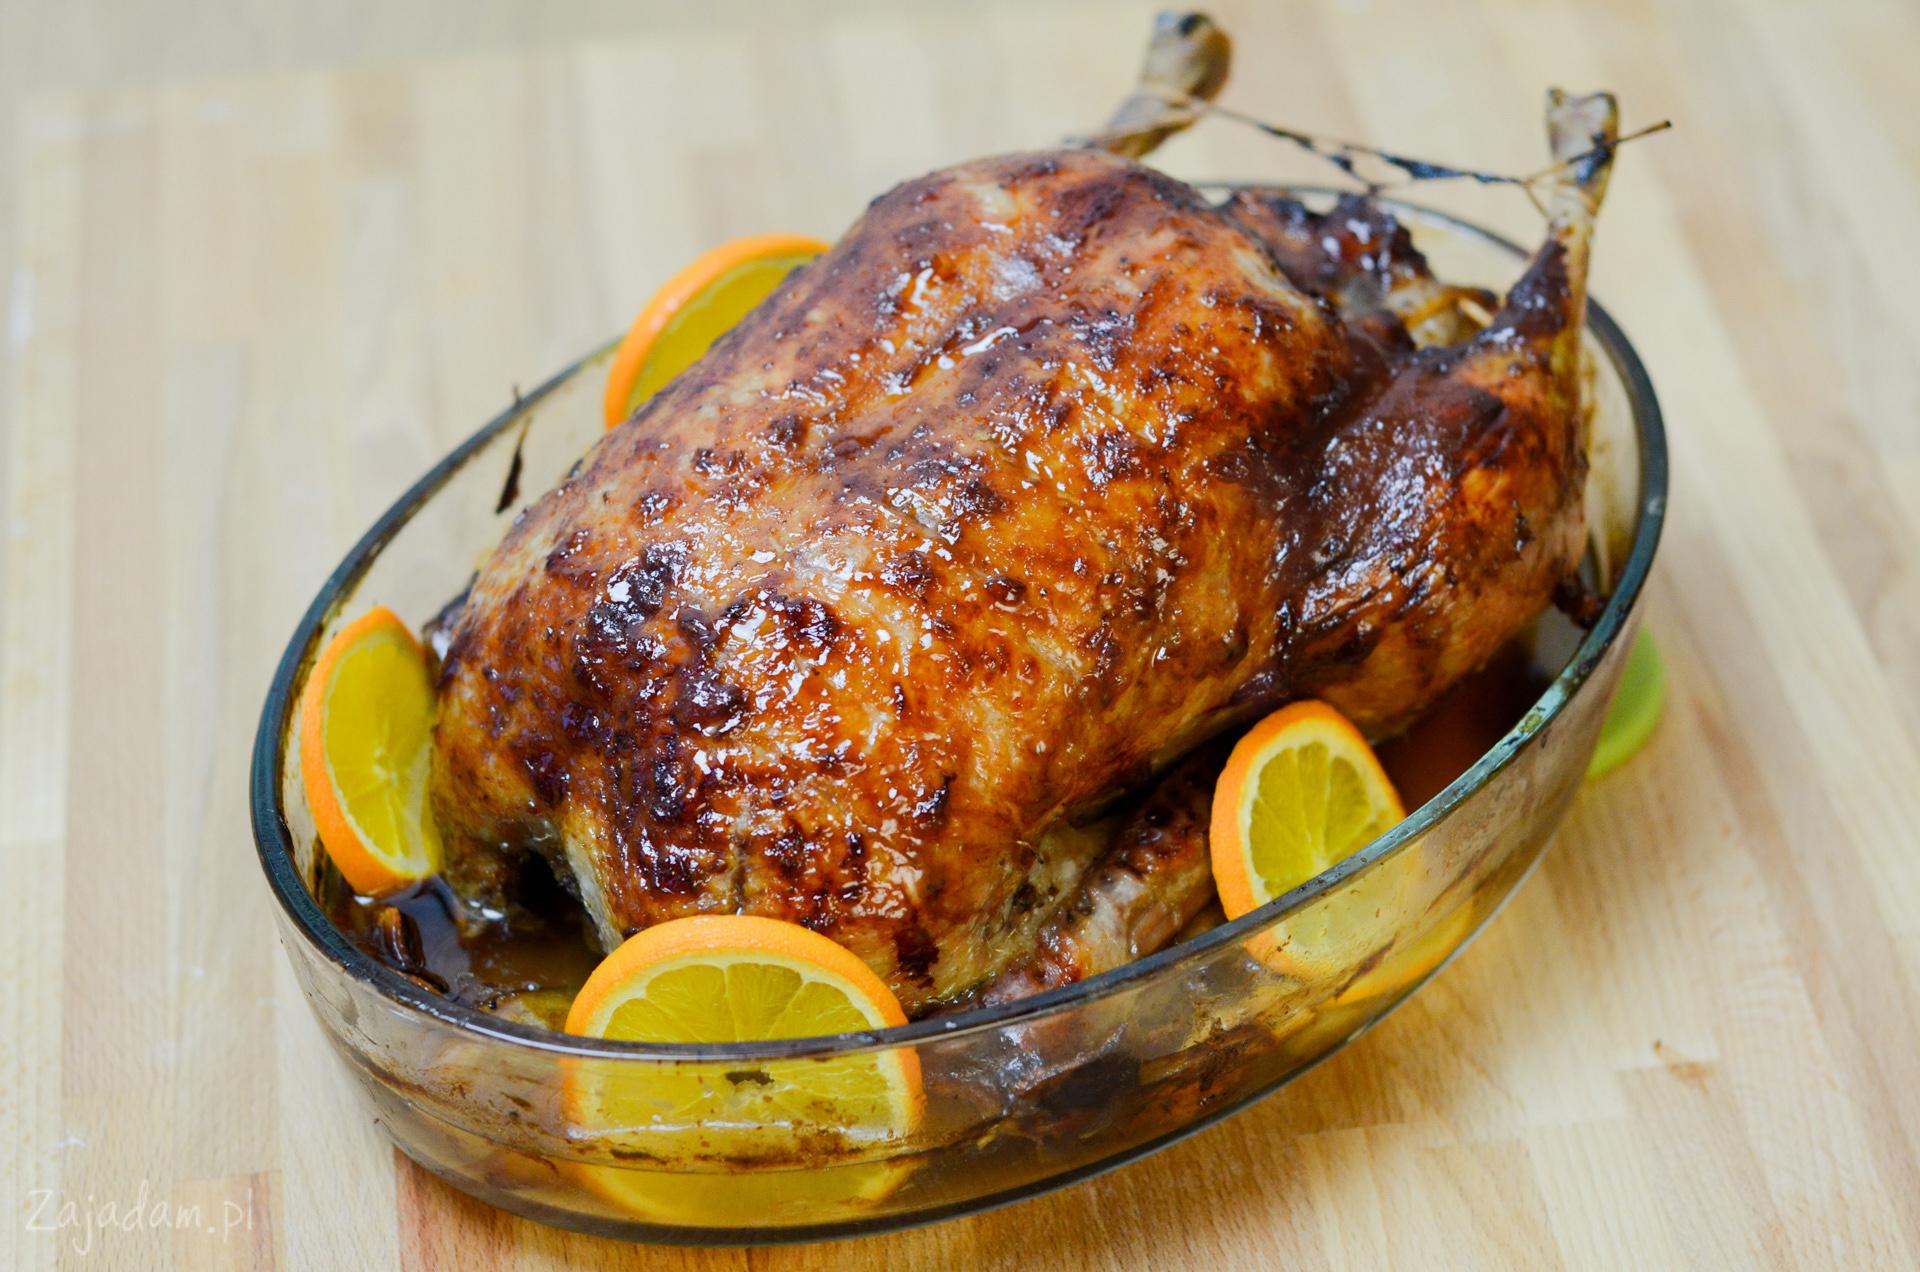 Как запечь утку целиком в духовке, чтобы она была мягкой и сочной